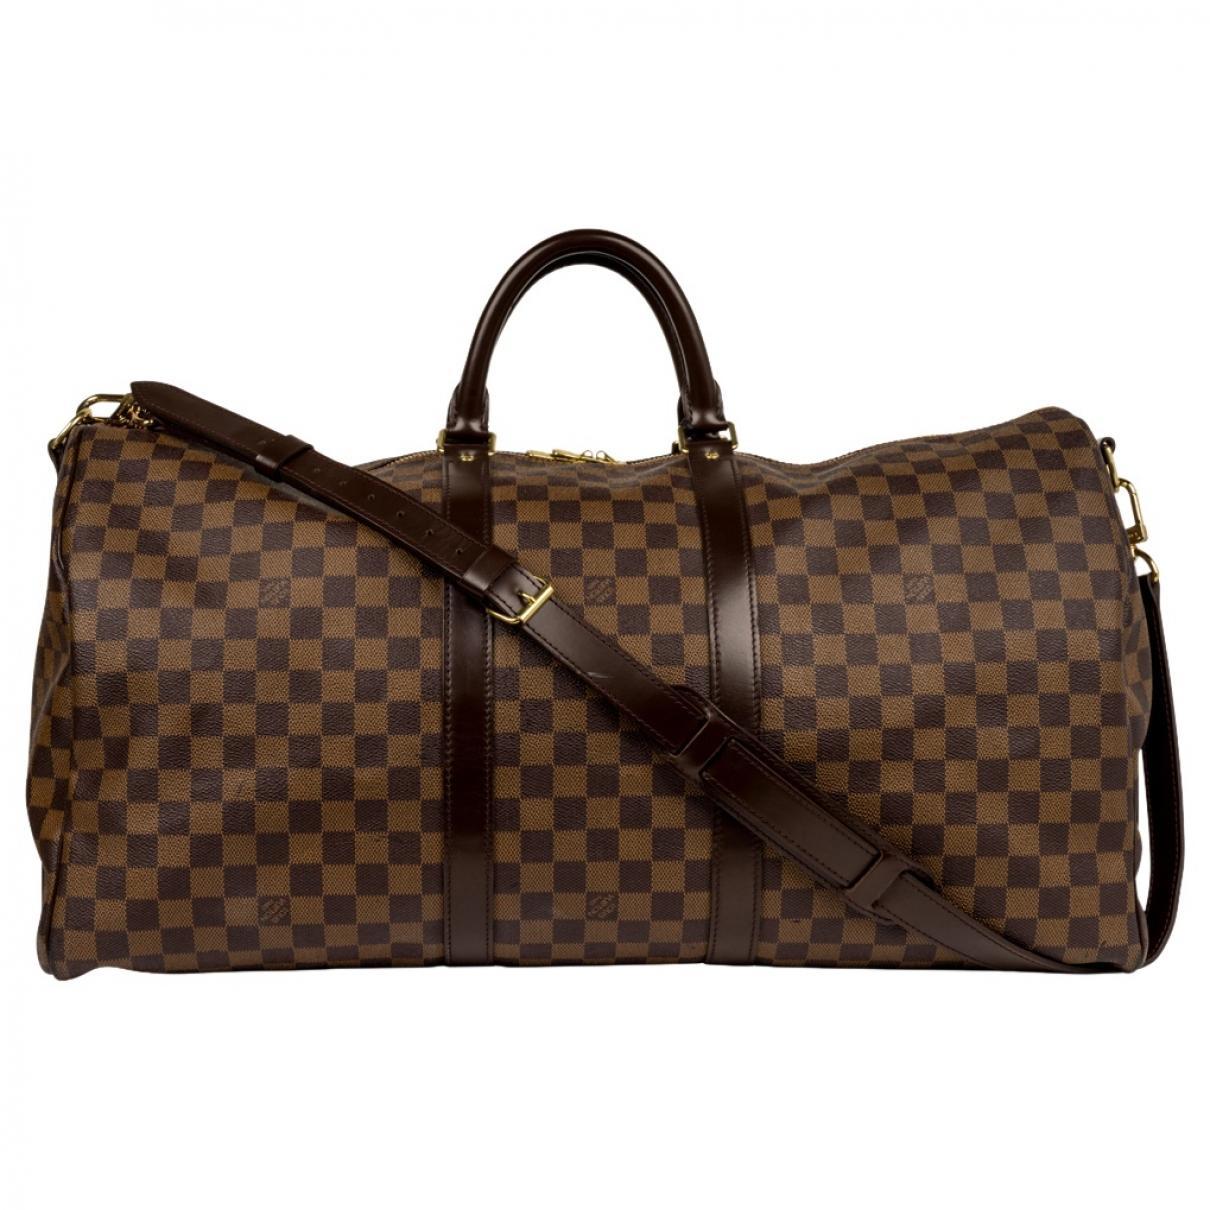 93311b16569 Sac de voyage Keepall en toile Louis Vuitton pour homme en coloris Brown